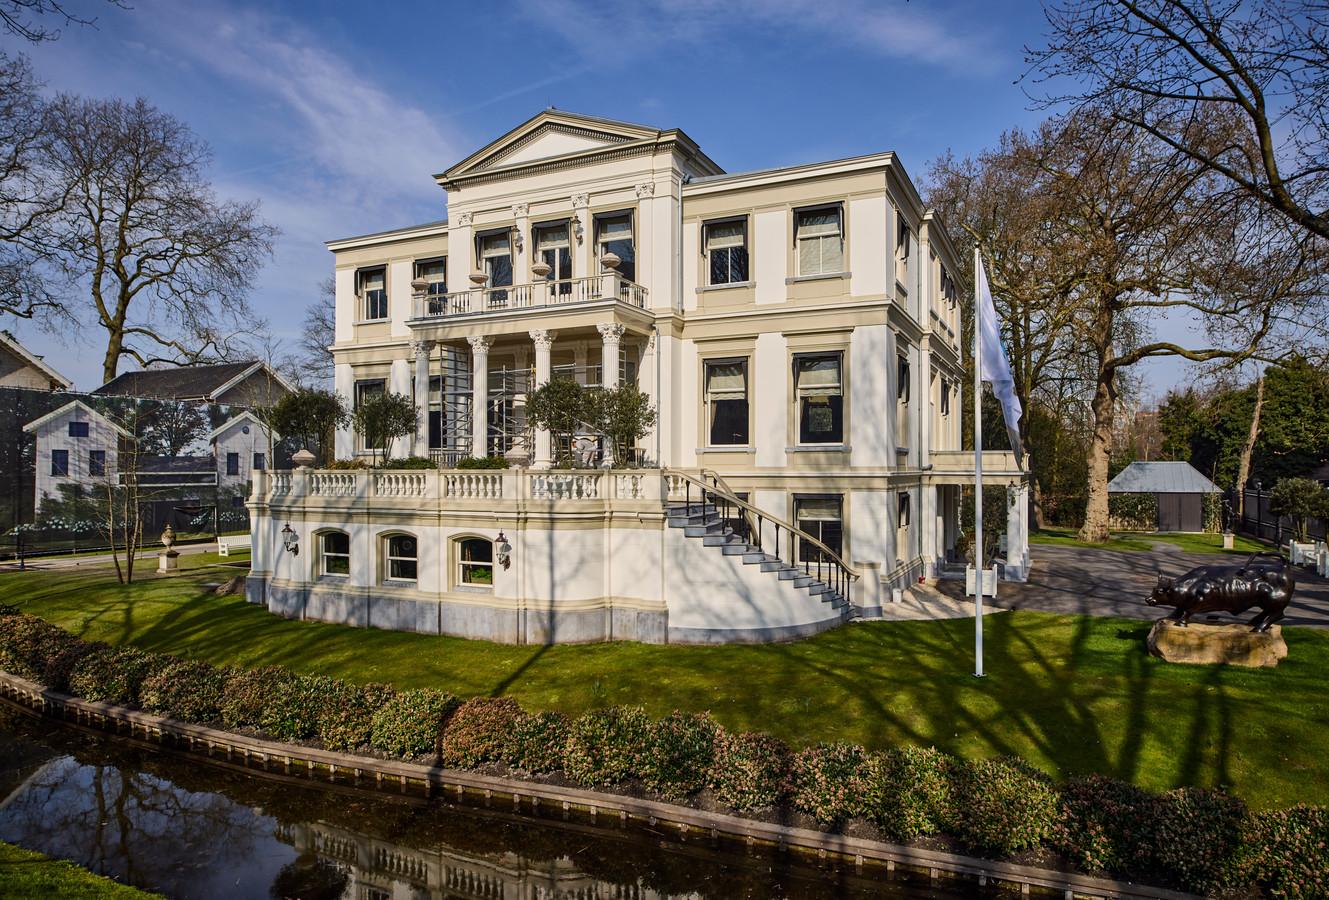 Villa Welgelegen met rechts het beeld Charging Bull